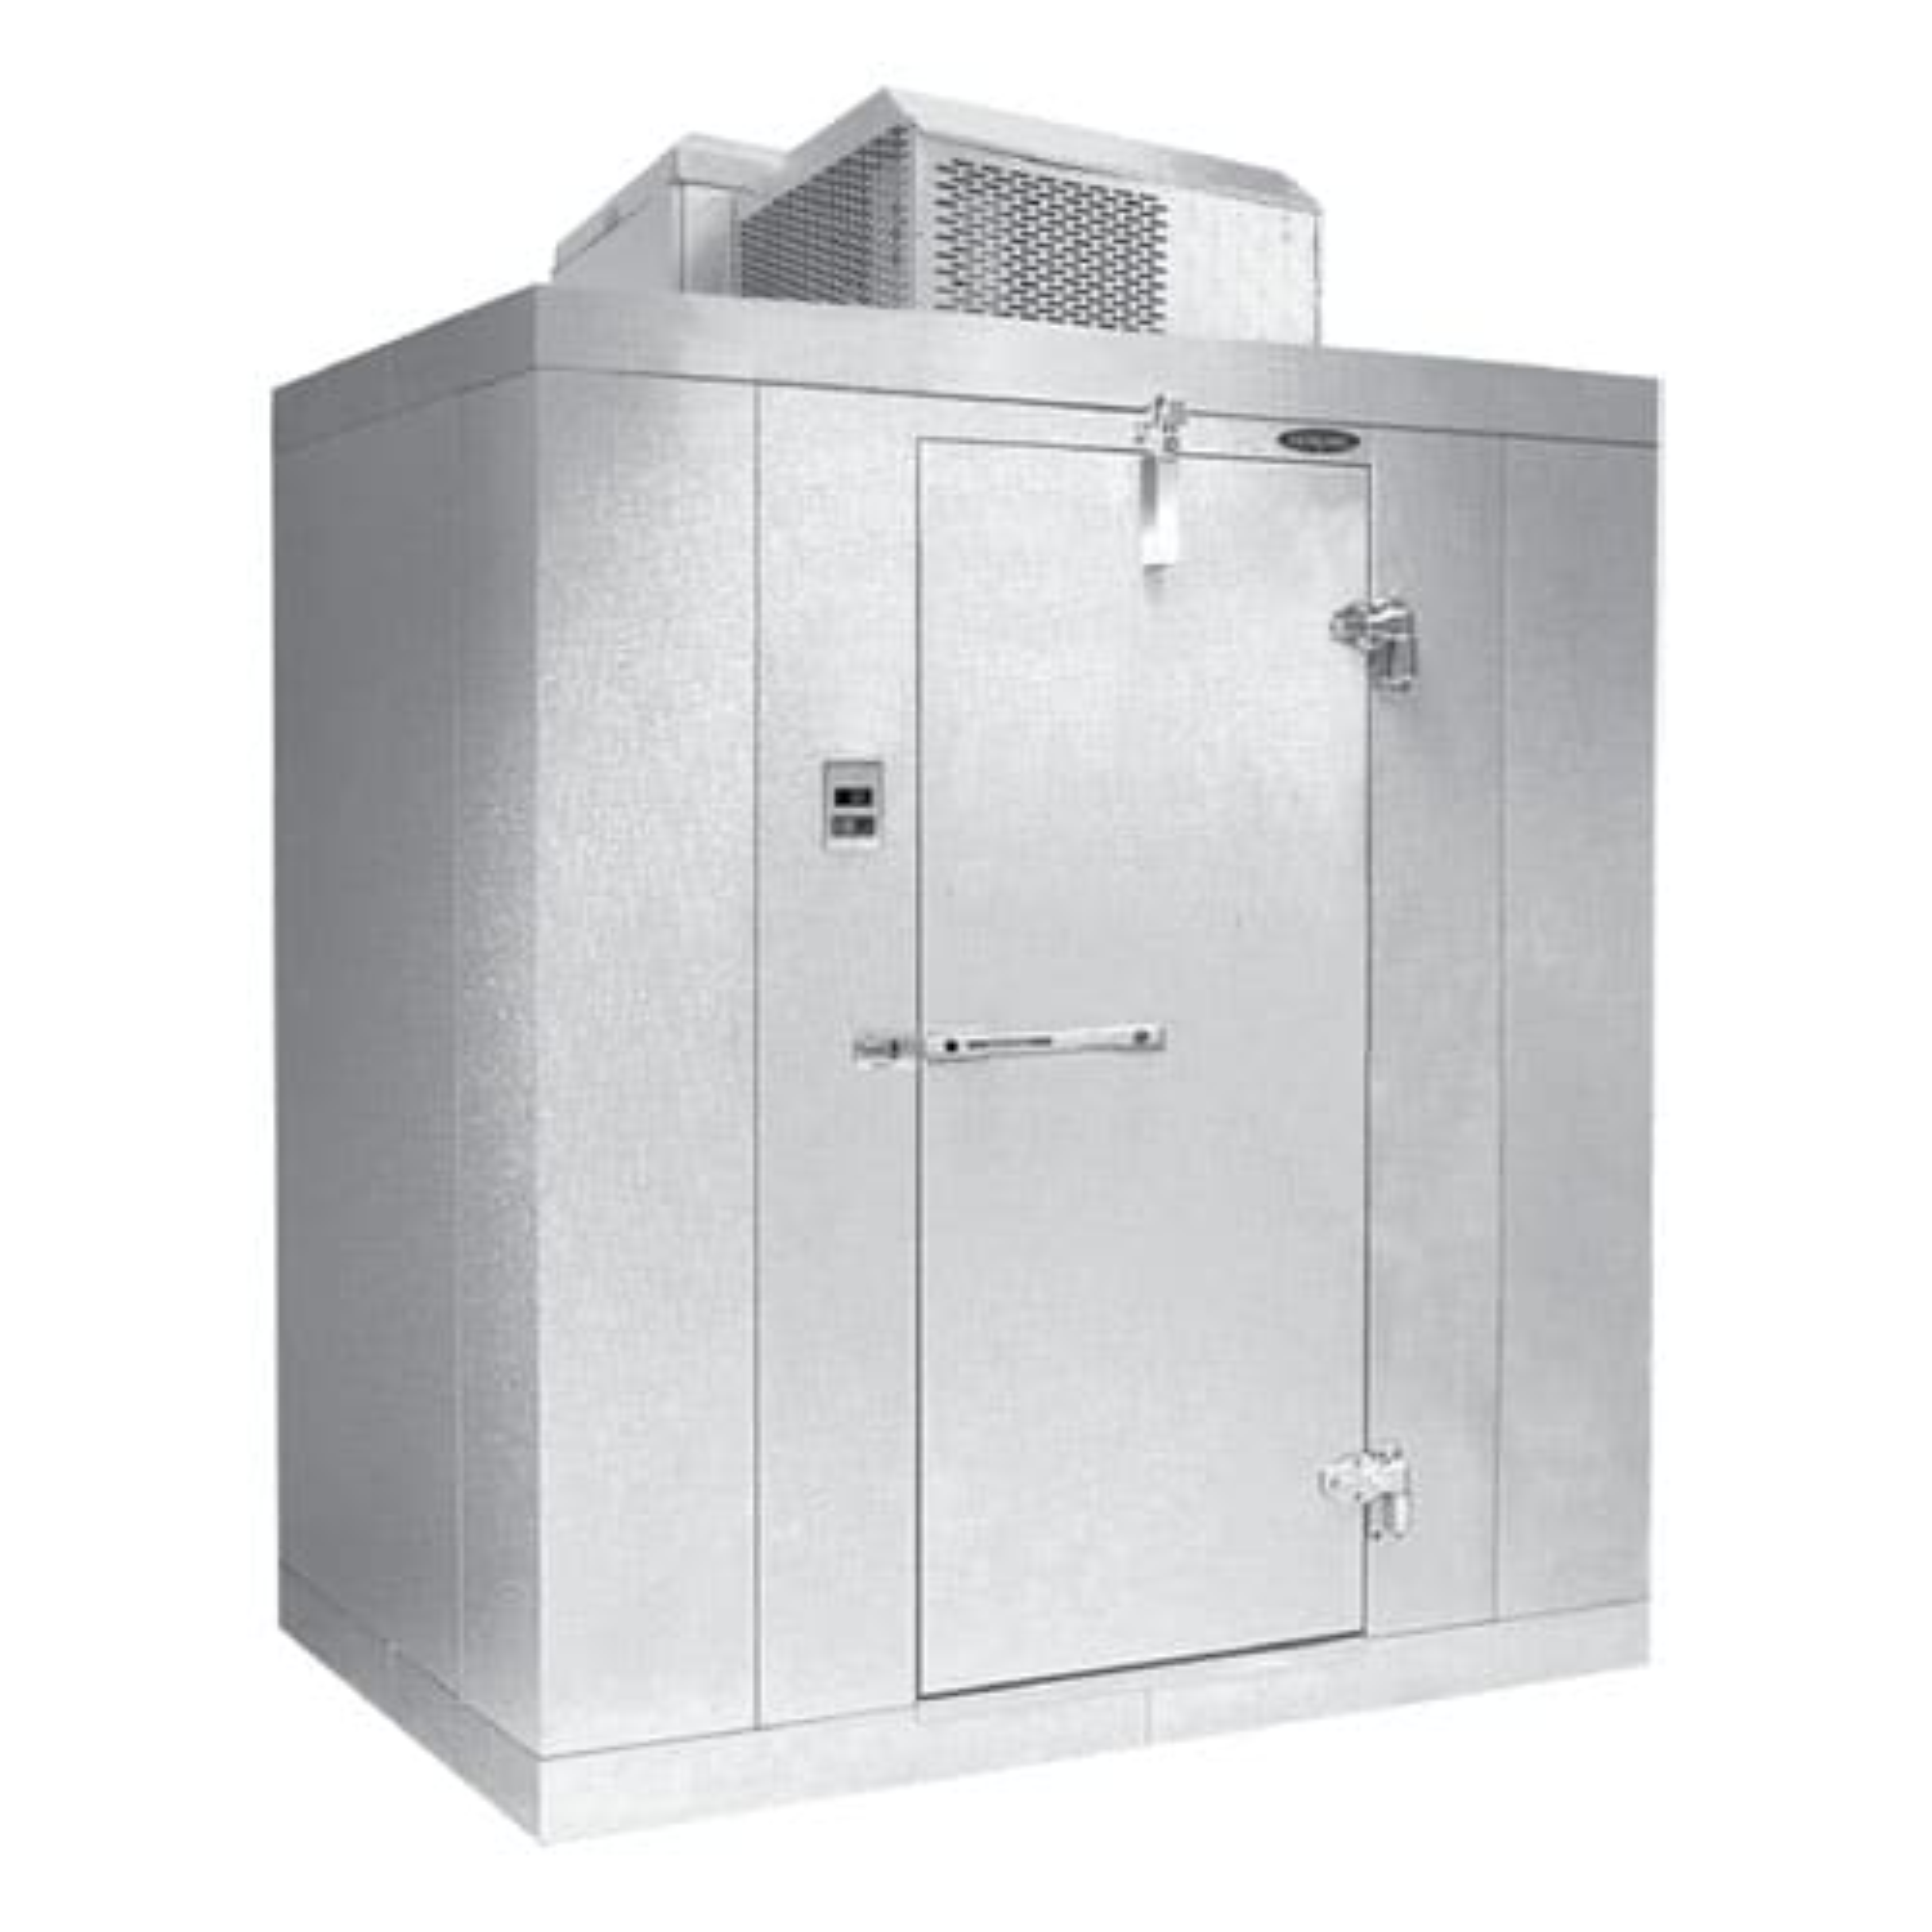 Norlake KLB7768-C R Indoor Walk-In Refrigerator w/ Top Mount Compressor, 6' x 8'